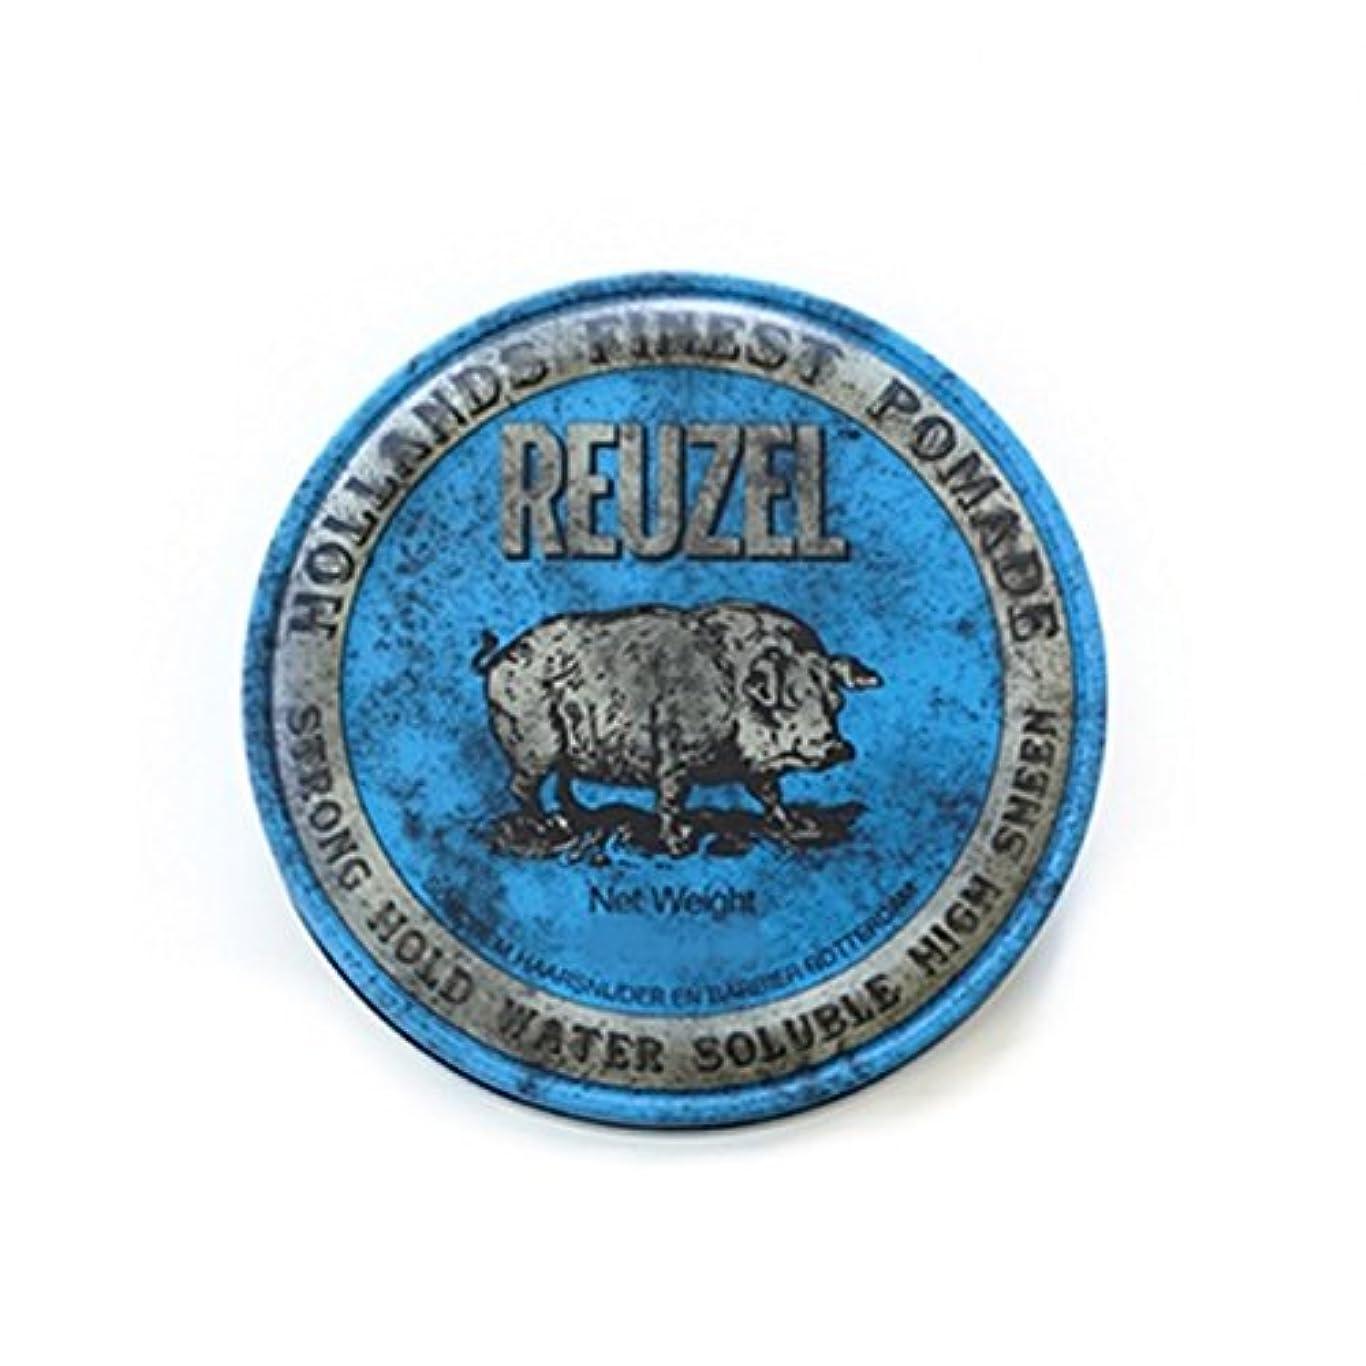 適合郊外カイウスREUZEL ルーゾーストロングホールドポマード  12oz.-340g 【青】340g <水溶性: ストロングホールド>